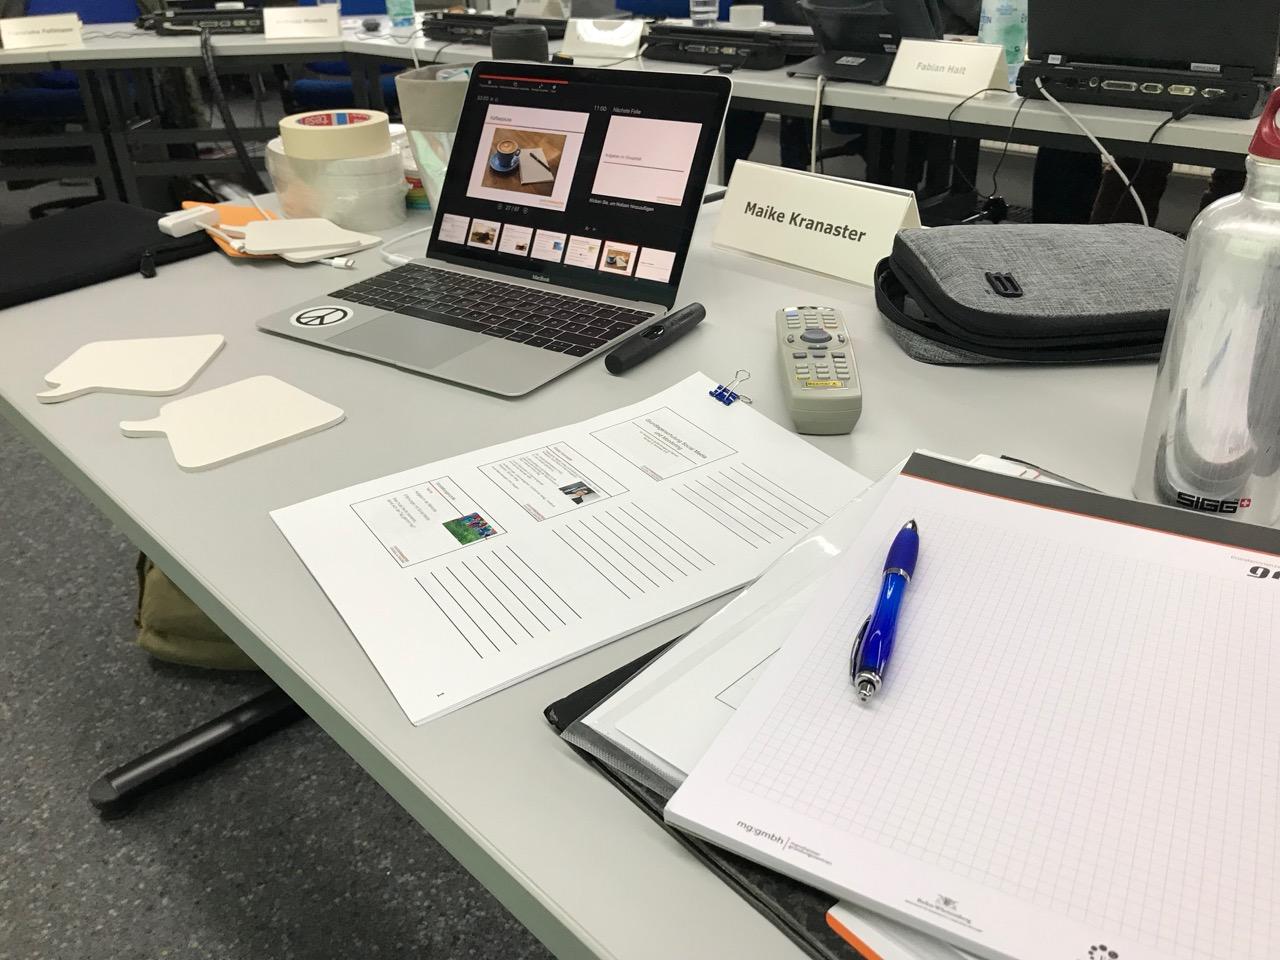 Seminar: Tisch mit Laptop, Namensschild und Unterlagen